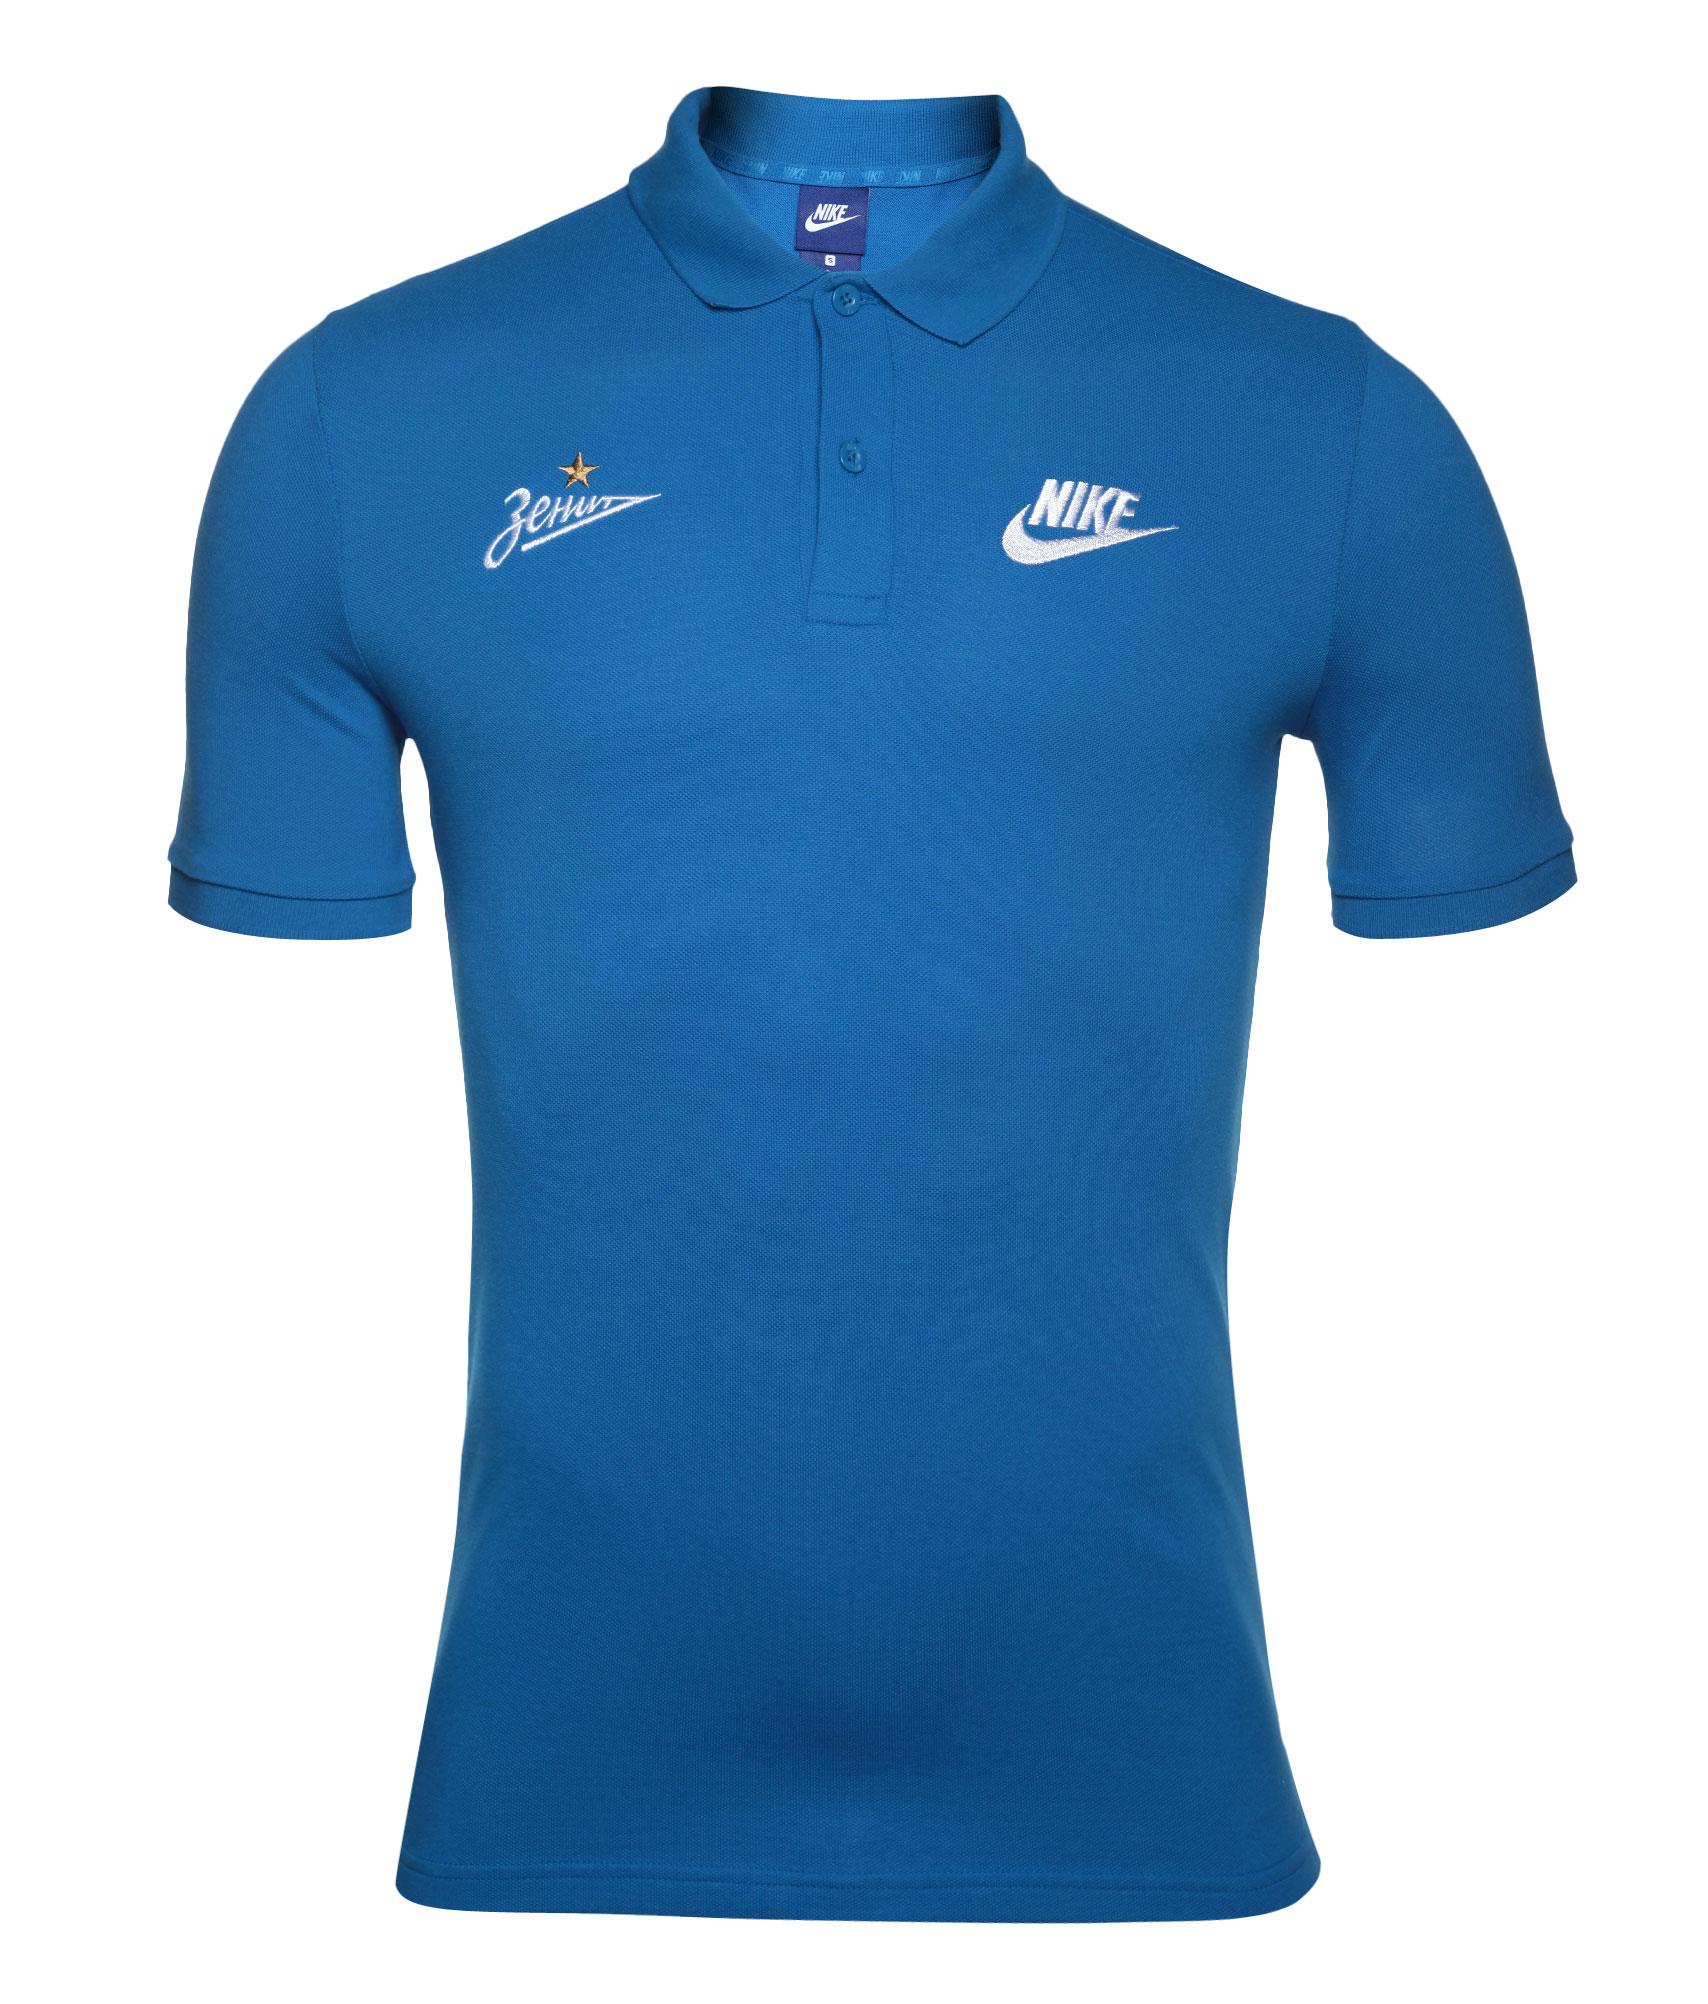 Поло Nike Nike Цвет-Синий